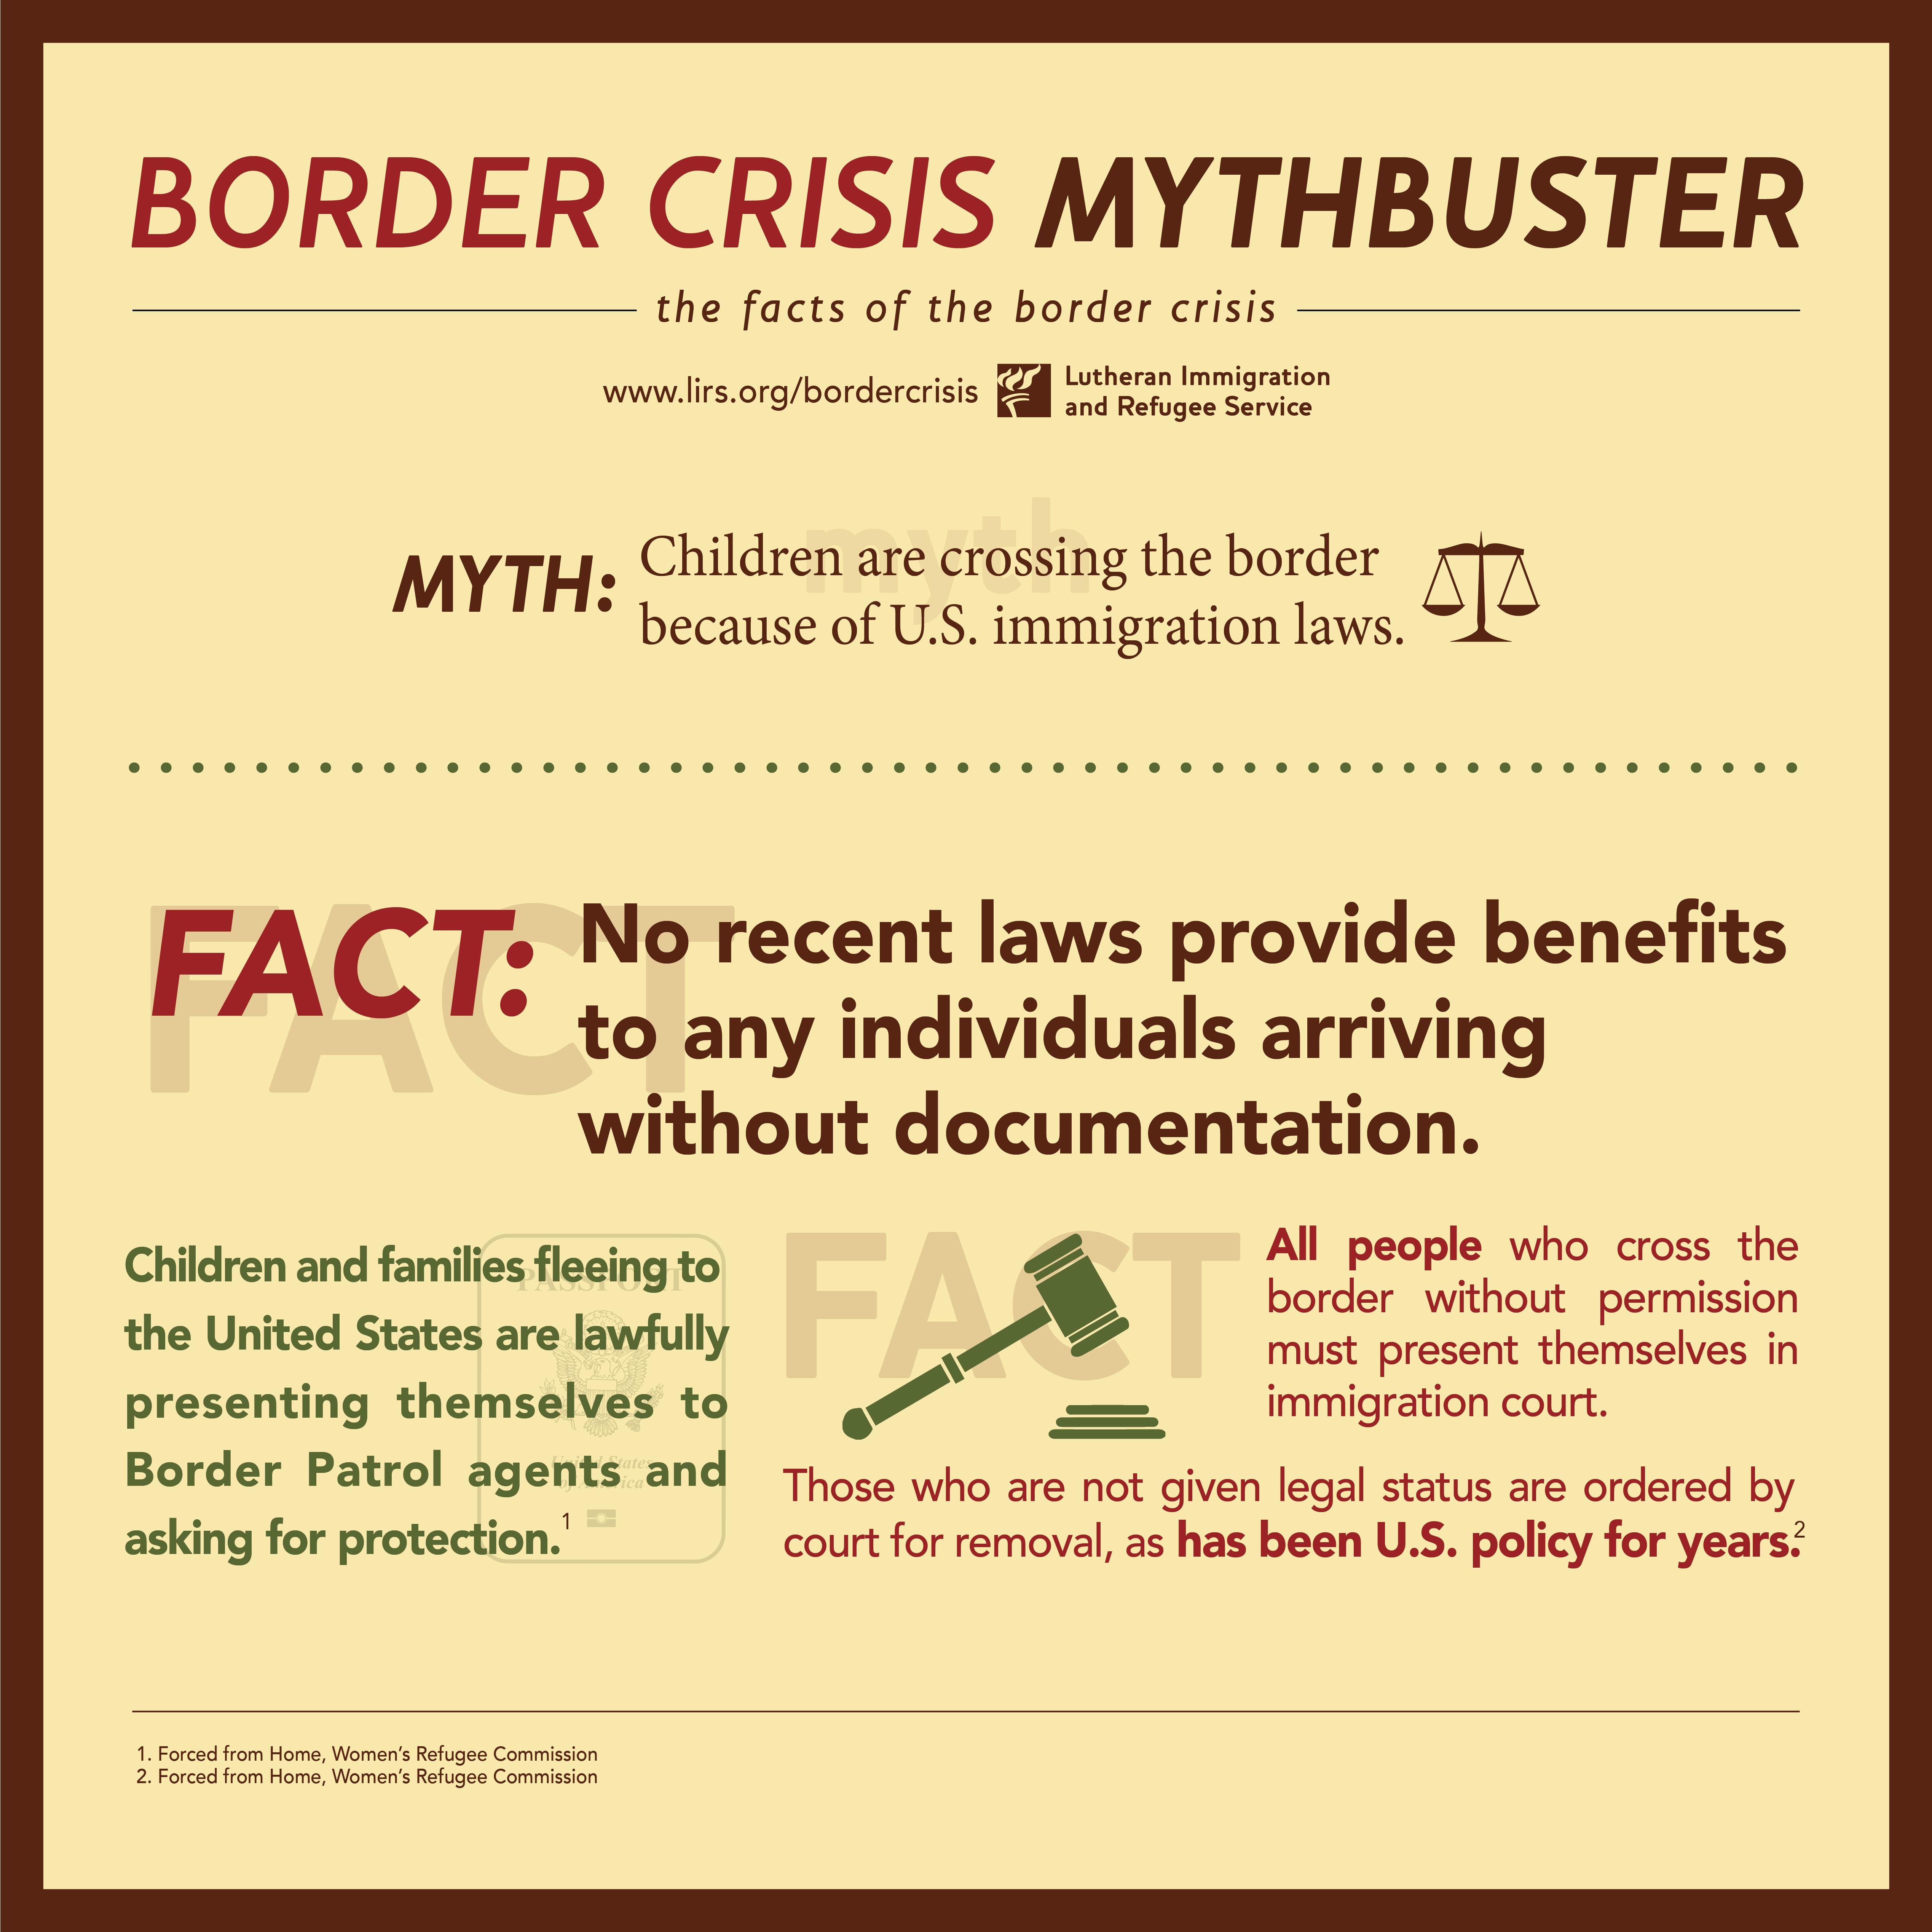 Mythbuster_border_crisis_1200x1200-05